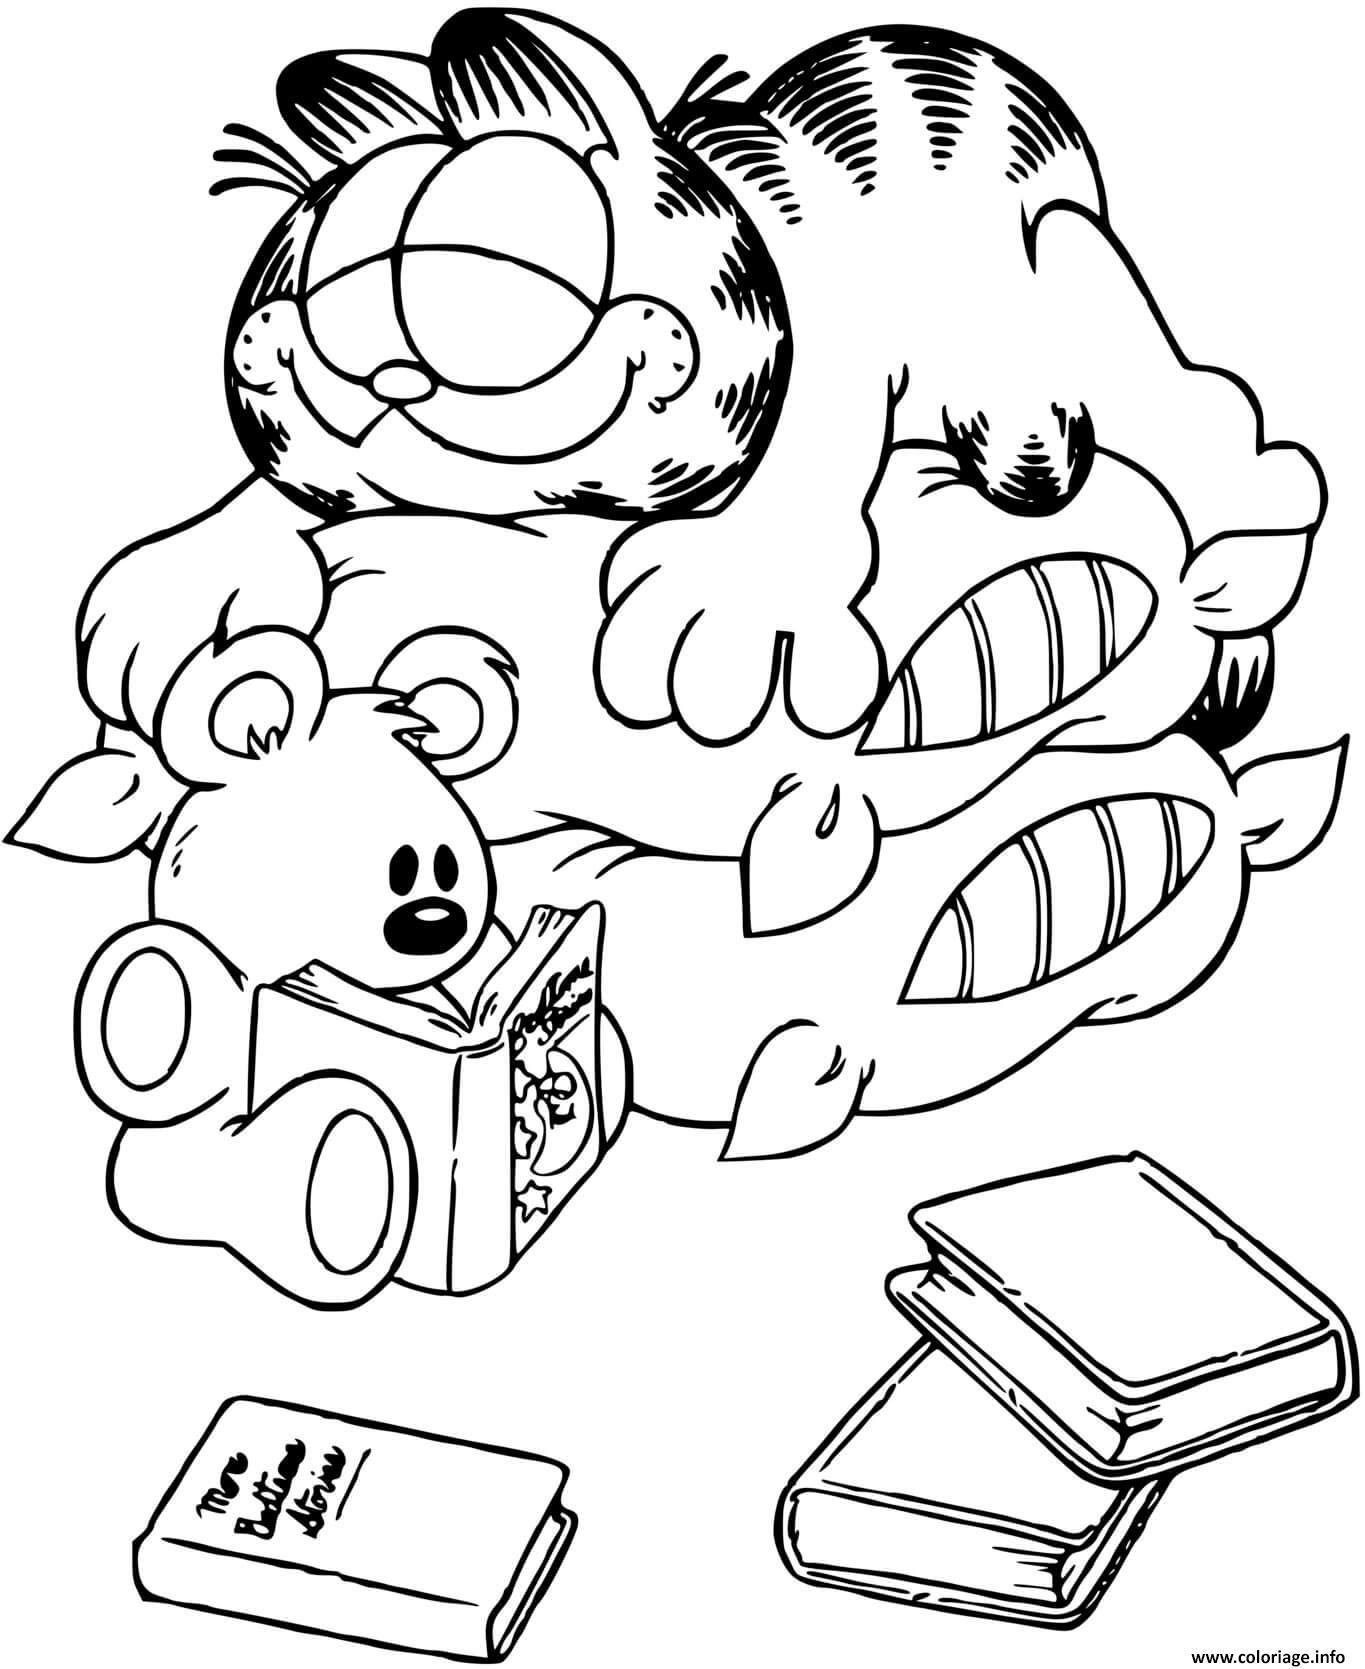 Dessin Garfield fait une petite sieste Coloriage Gratuit à Imprimer